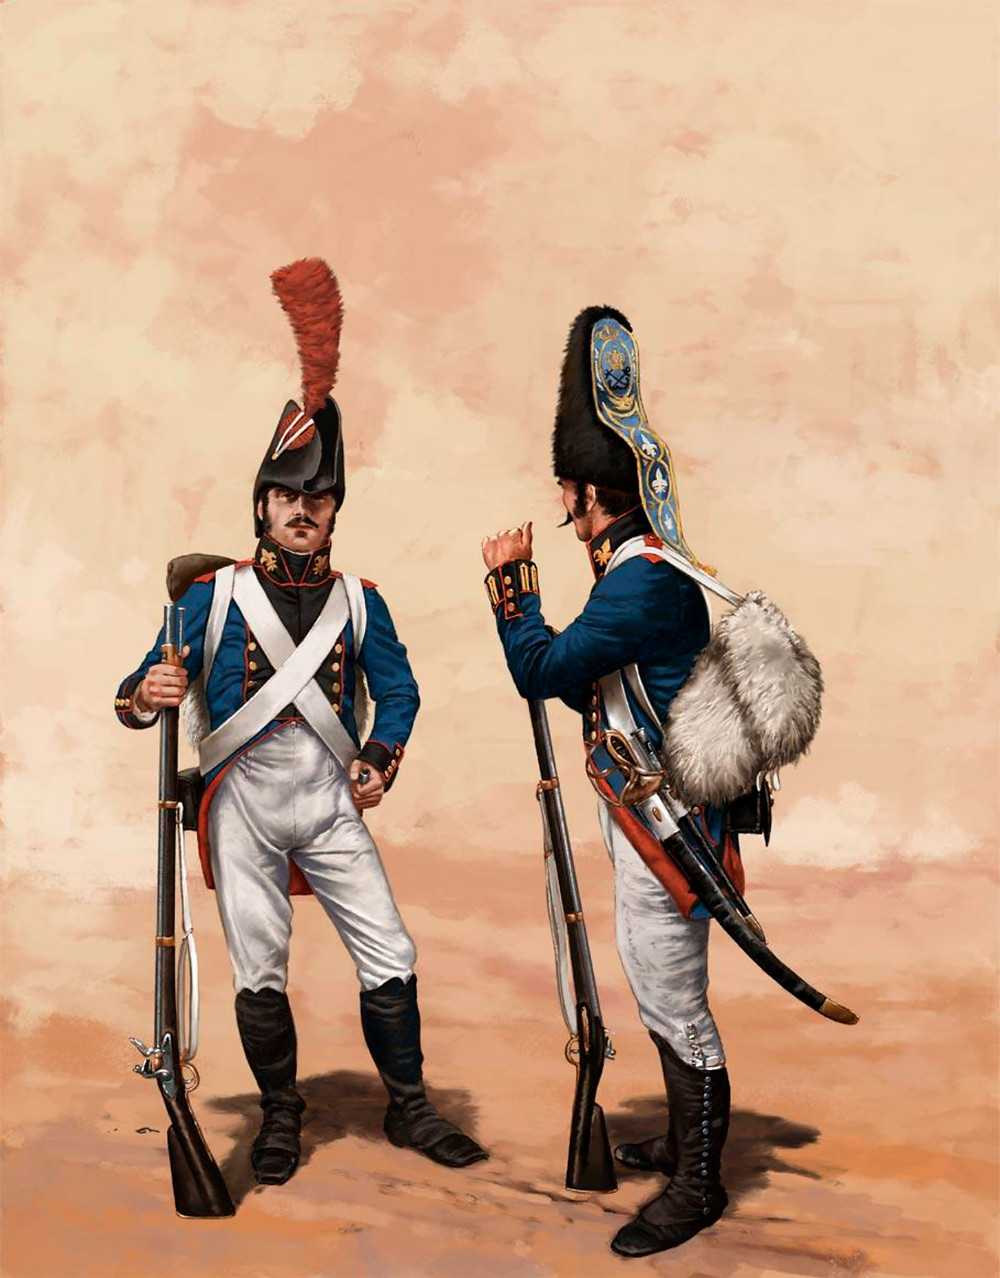 Fusilero y granadero con el uniforme reglamentado en 1802. El escudo de la manga del morrión corresponde al Rgto. de la Corona ( Inf. Dionisio A. Cueto)